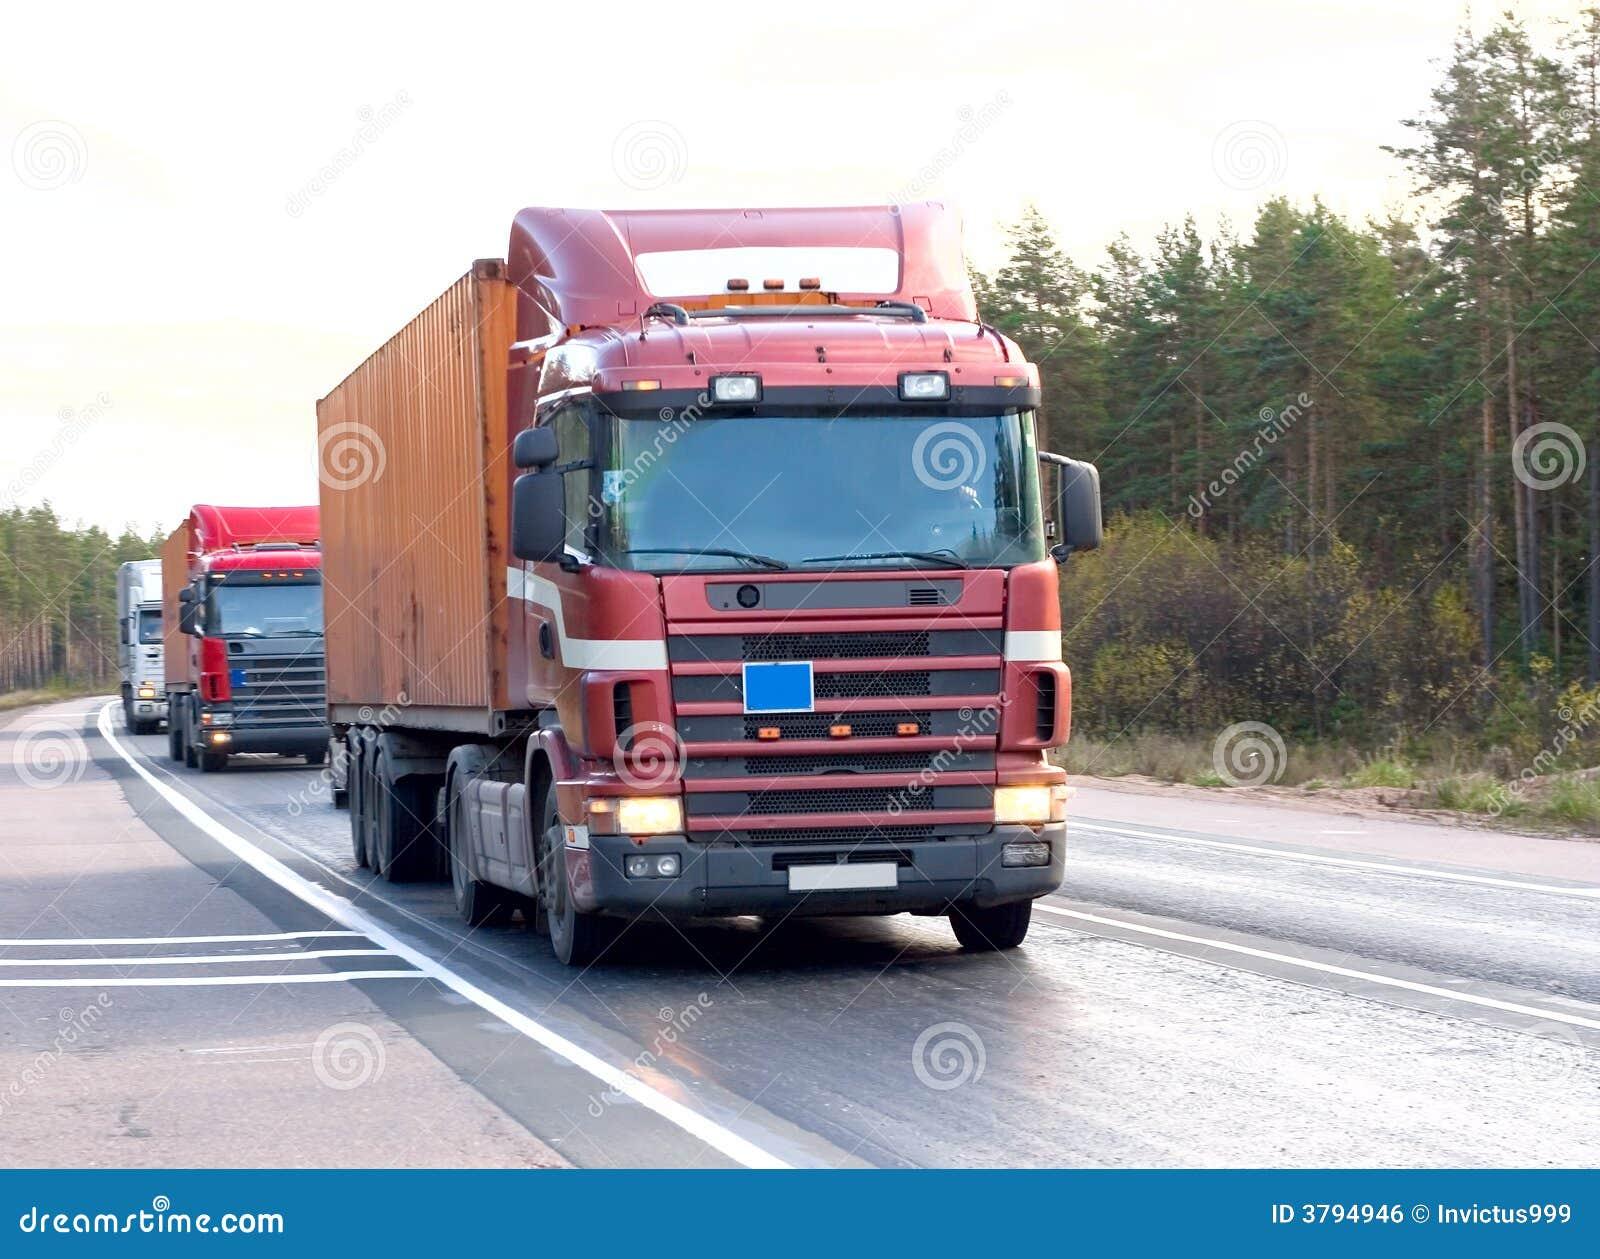 Tractor Trailer Stock : Tractor trailer trucks lorry caravan convoy line stock